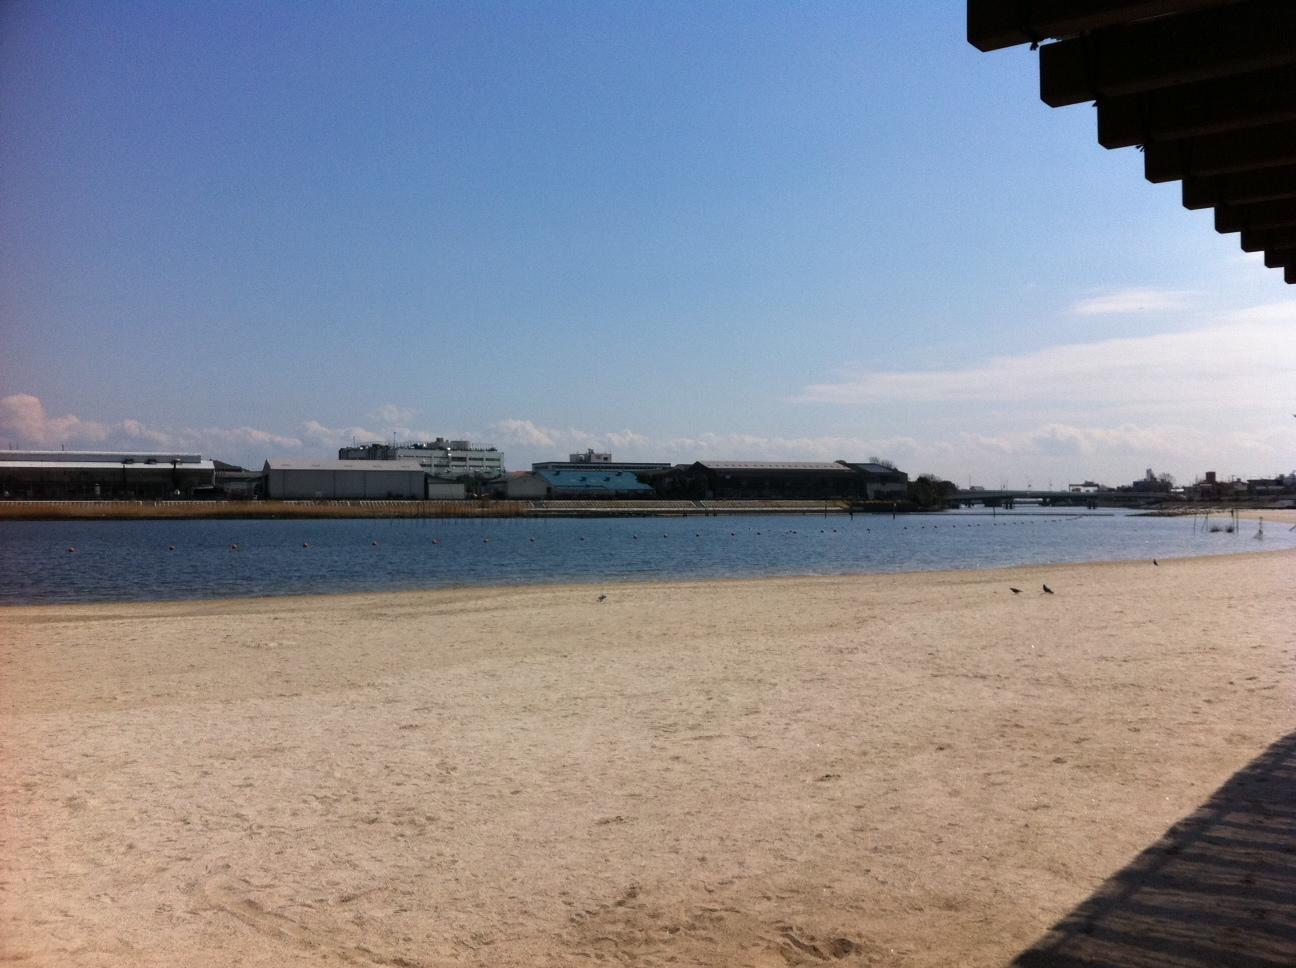 空と海のブルー。僕の命の原点「ふるはま公園。」②_a0112393_155788.jpg